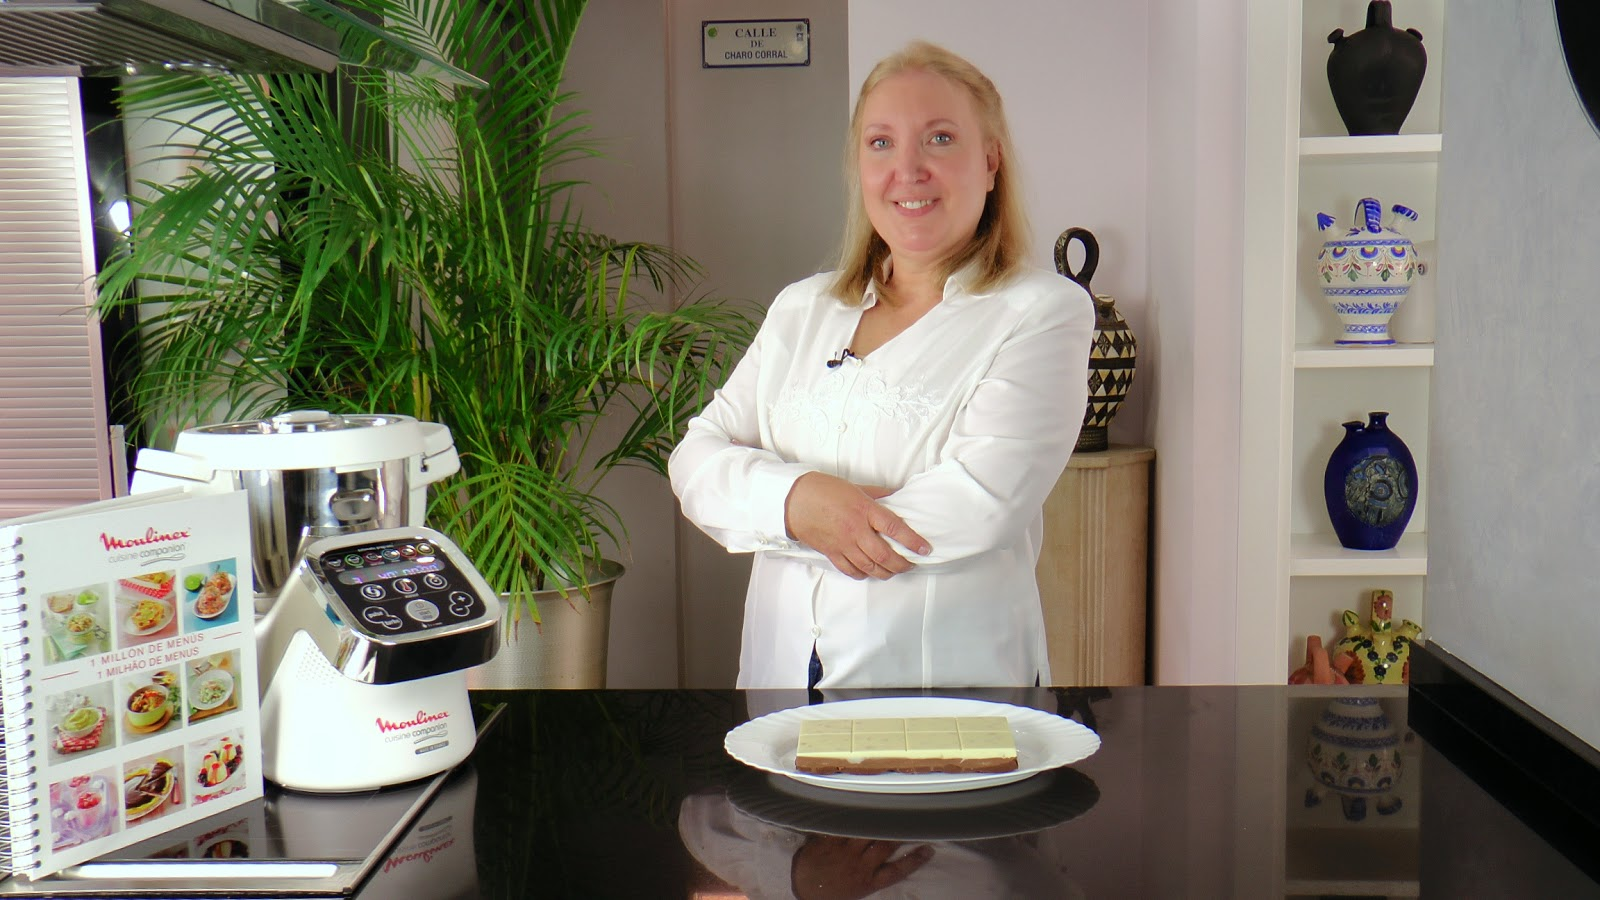 concurso cuisine companion de moulinex pasteles de colores. Black Bedroom Furniture Sets. Home Design Ideas